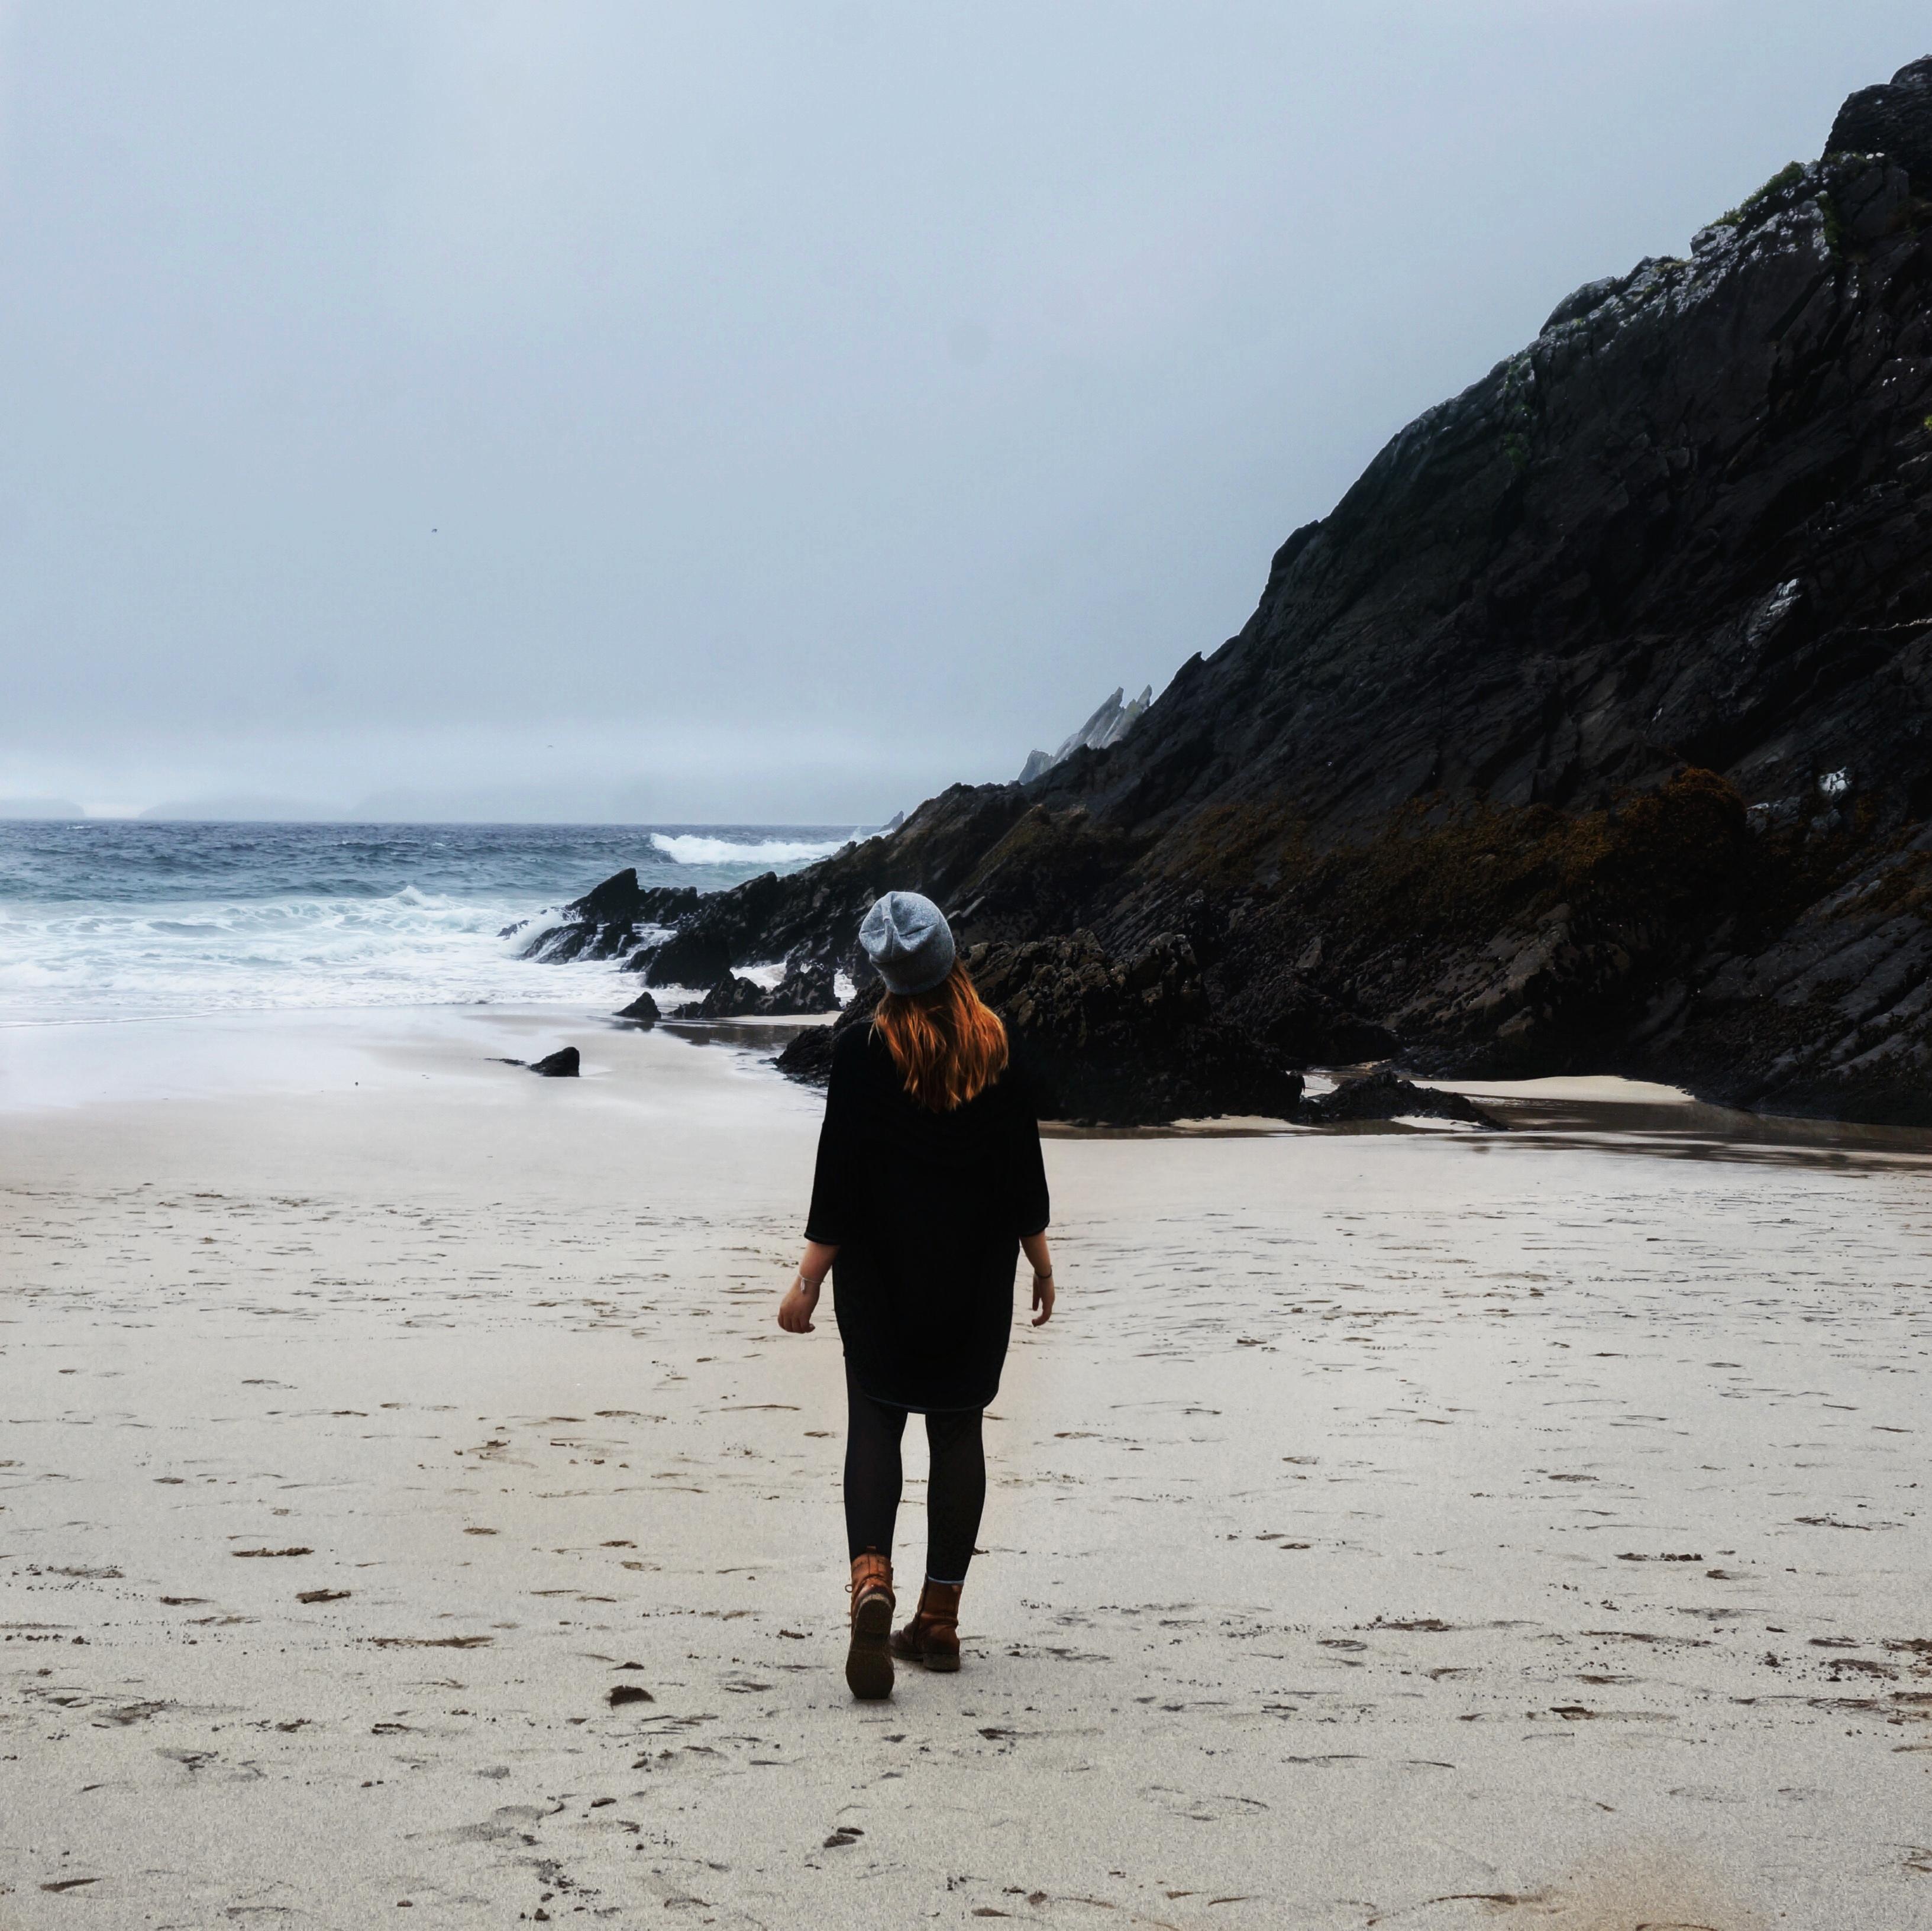 Irland, Sehenswürdigkeiten, Highlight, Klippen Cliffs, Regenjacke, Abenteuer